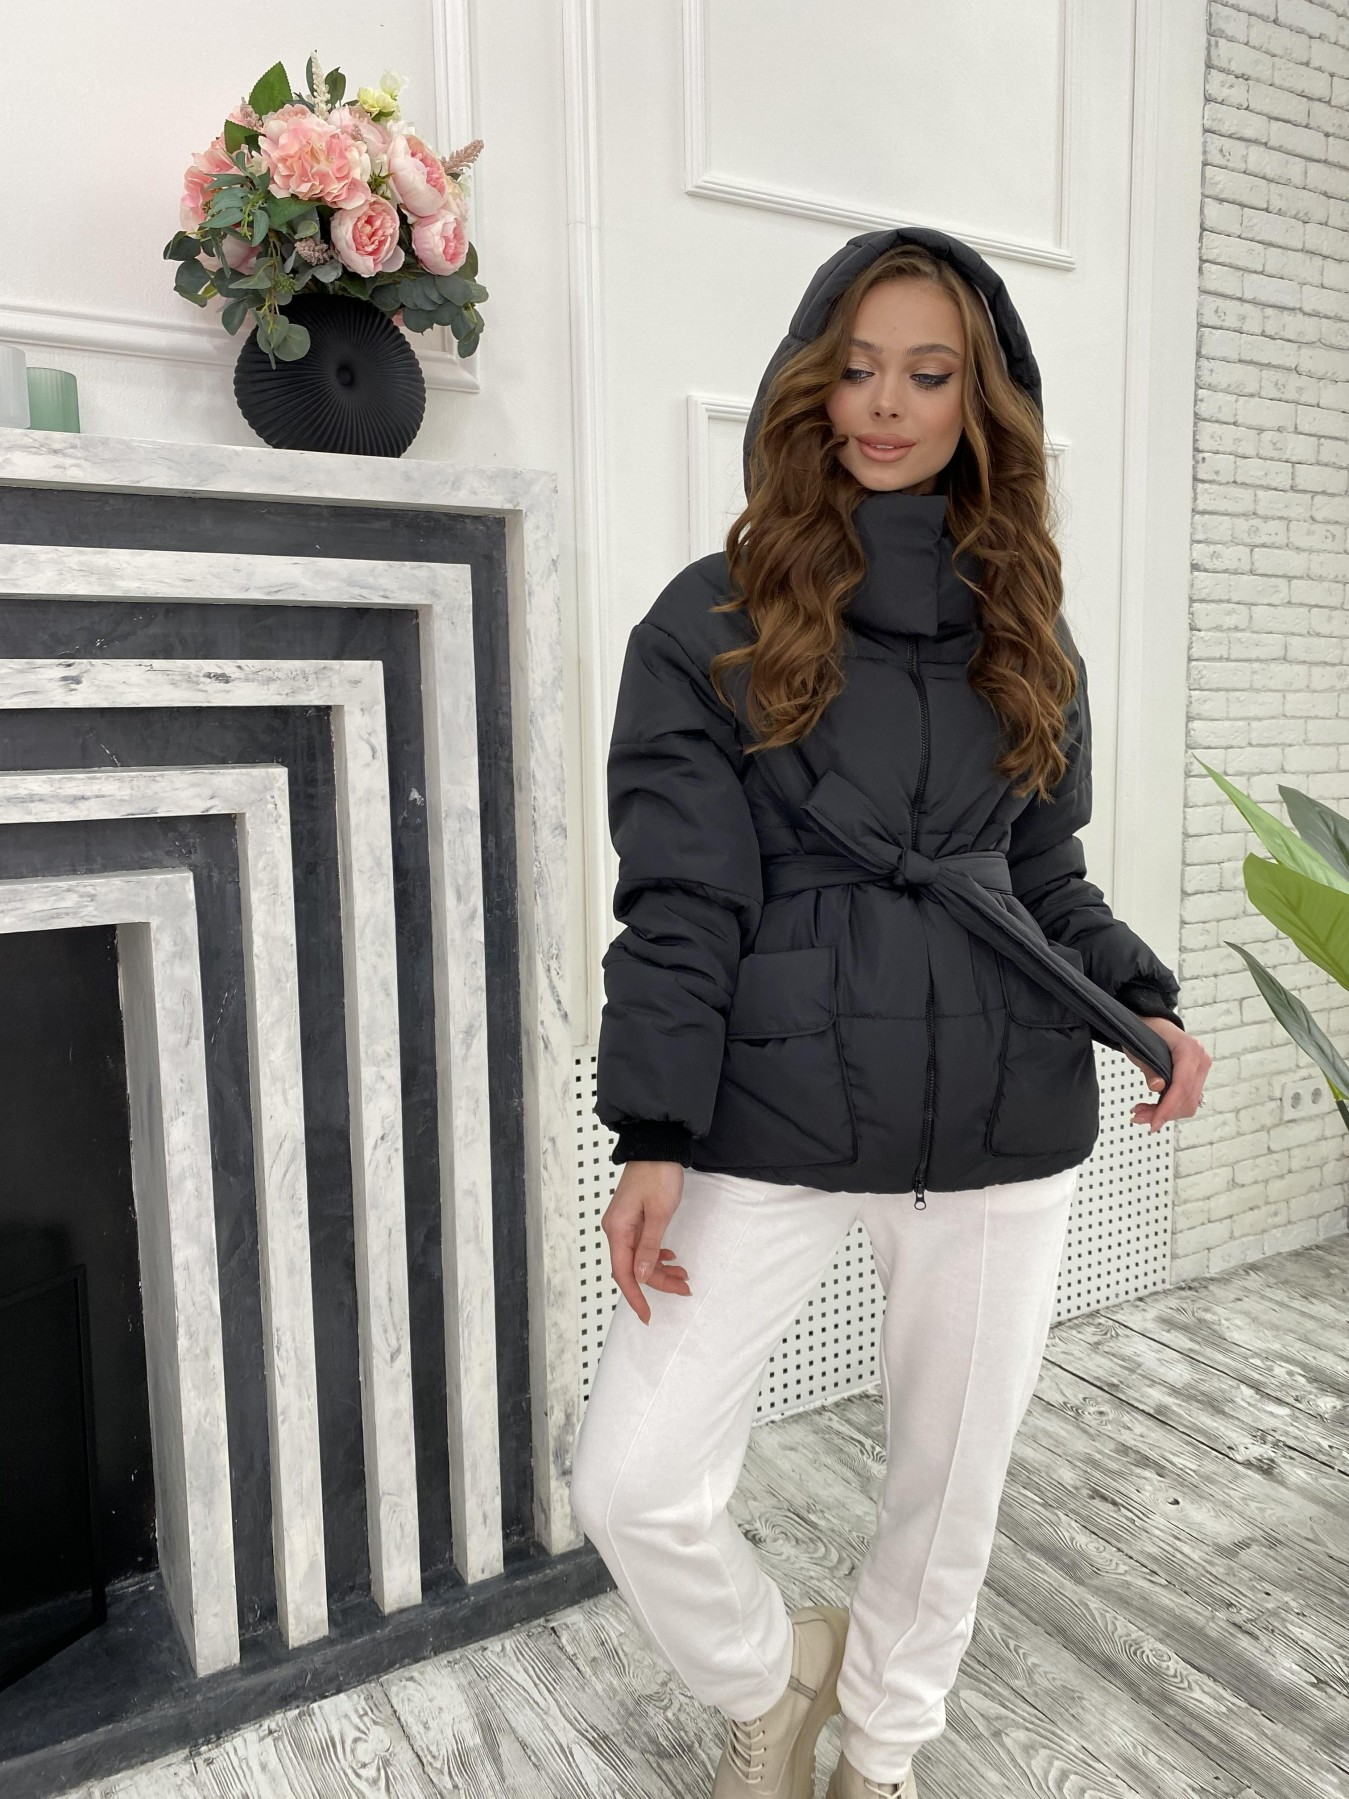 Док куртка из  плащевки Ammy 10822 АРТ. 47299 Цвет: Черный - фото 4, интернет магазин tm-modus.ru